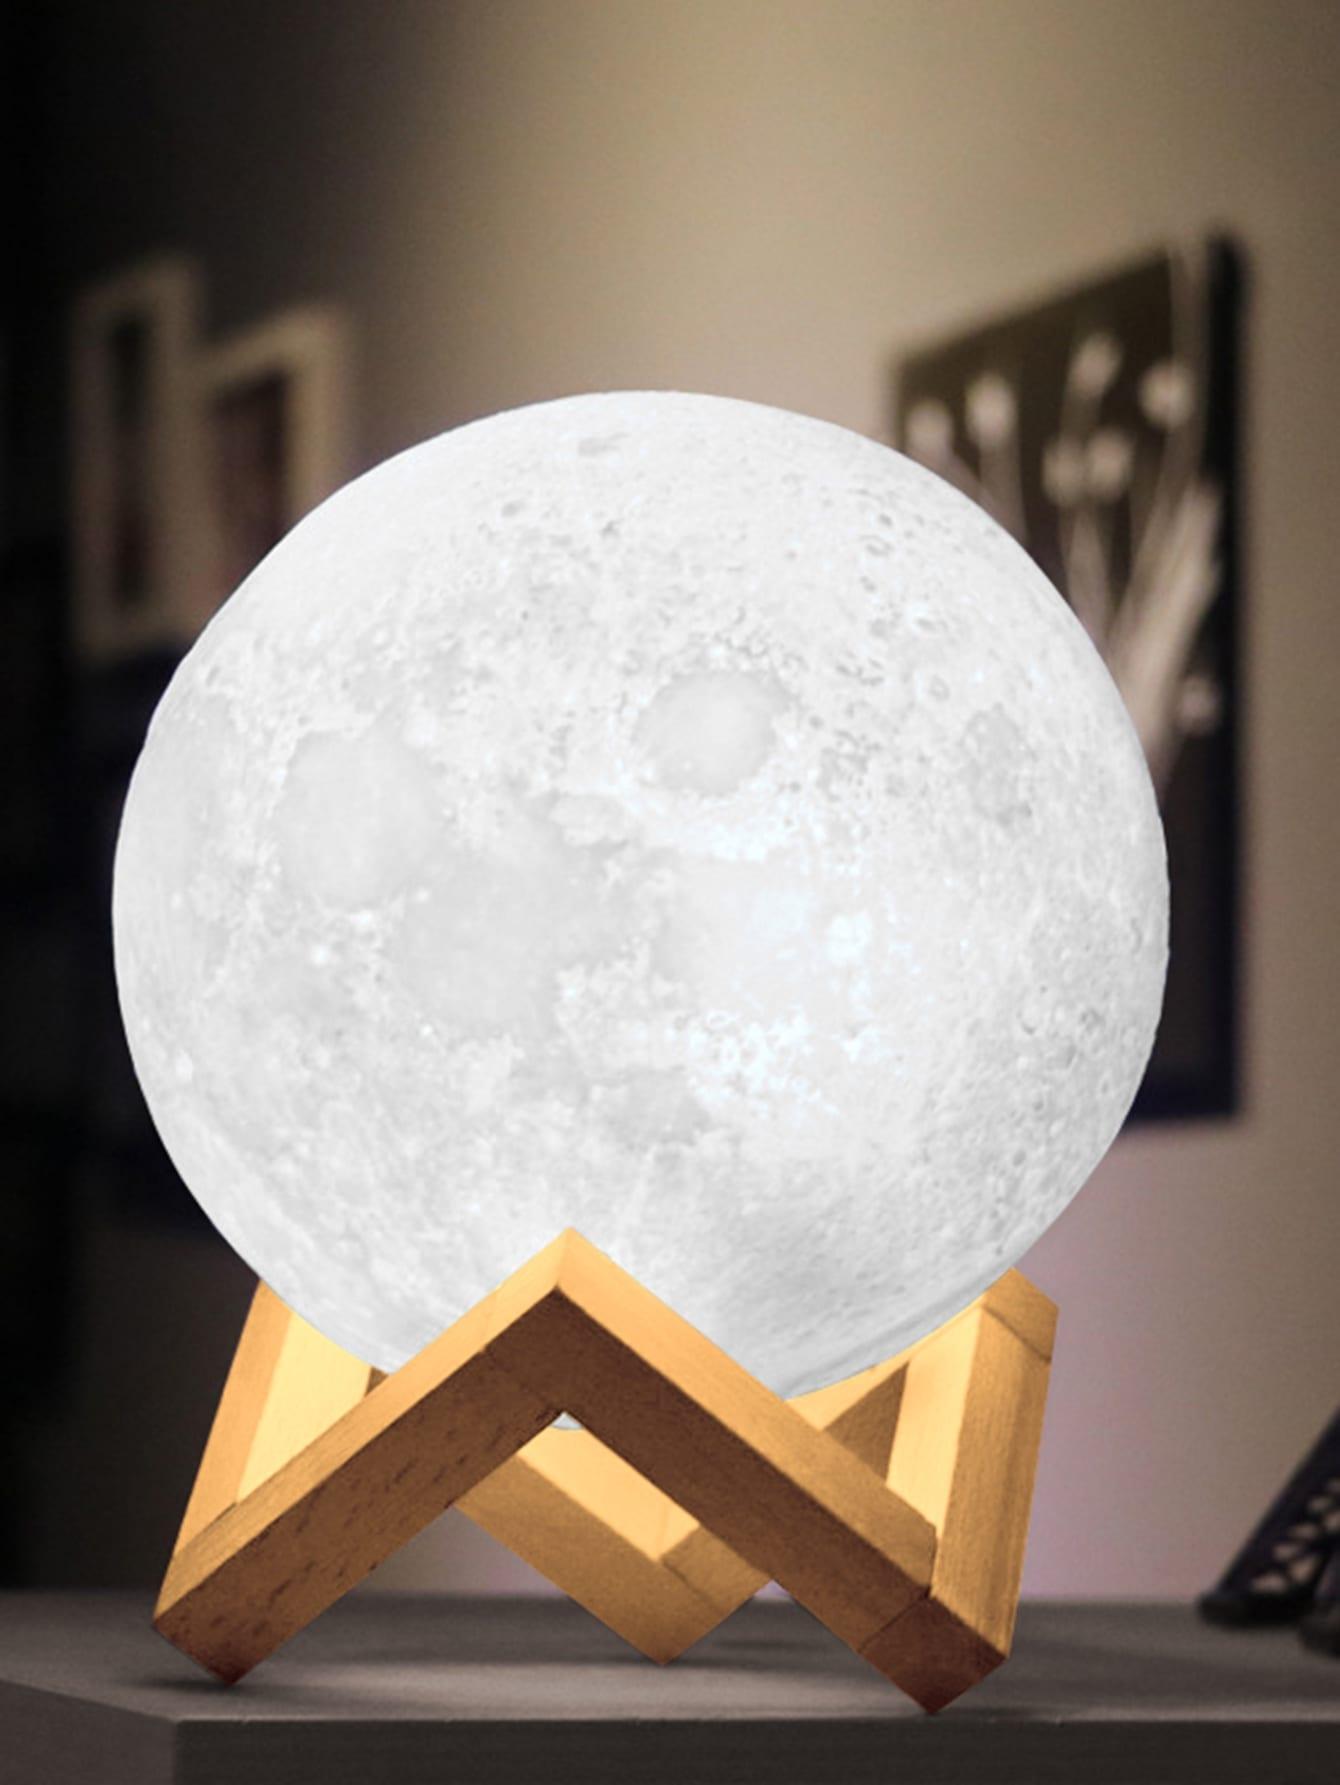 Купить Настольная лампа 12V в форме луны, null, SheIn